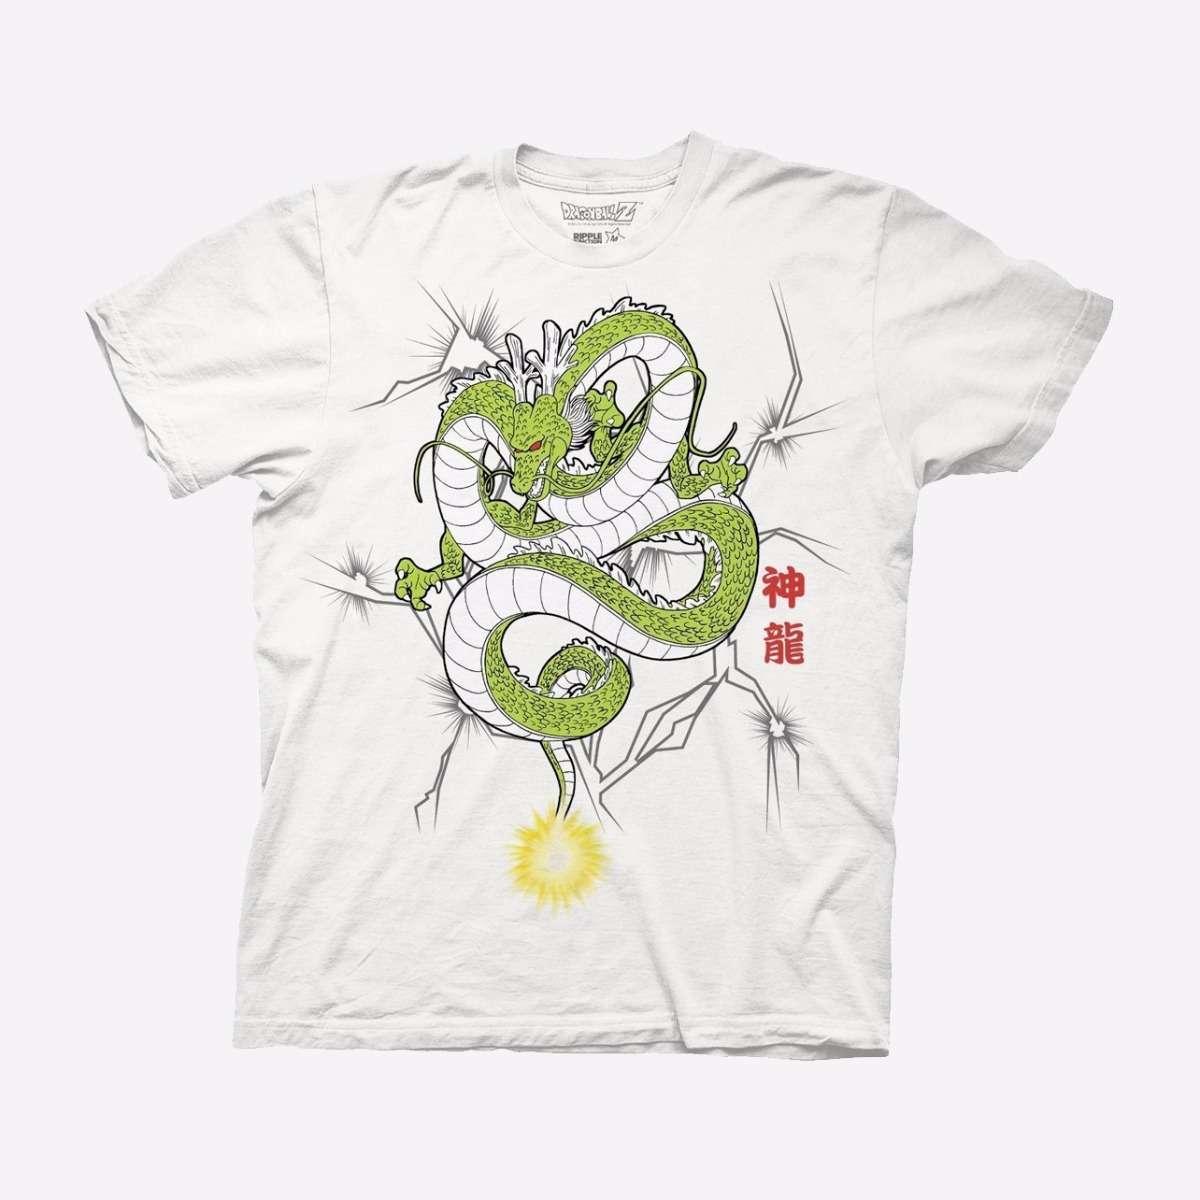 T-Shirt - Shenron  apparel